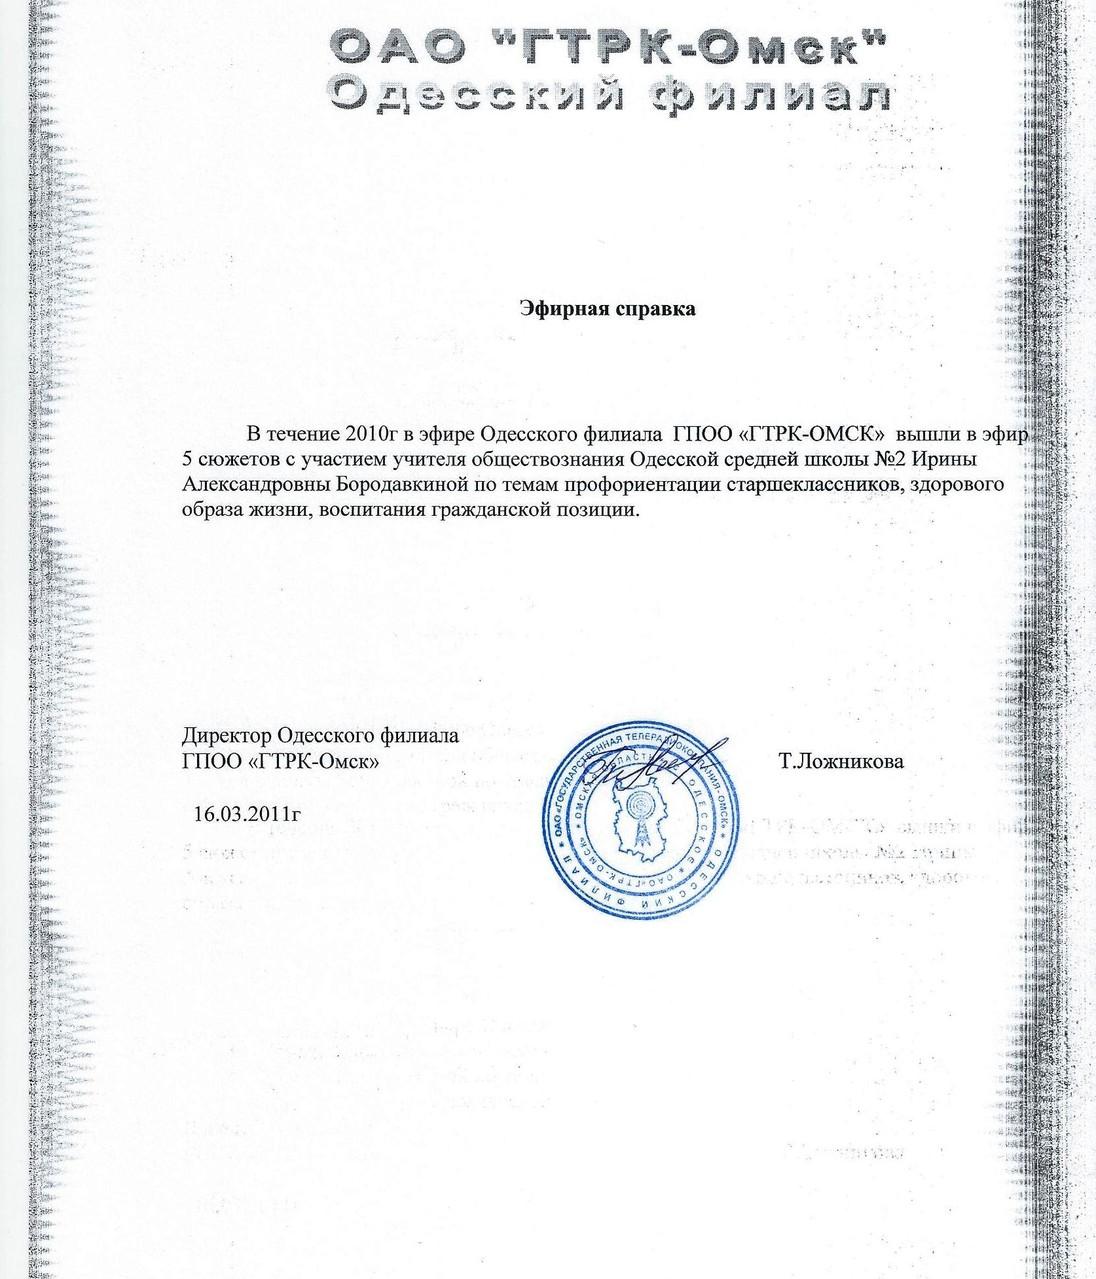 Эфирная справка о сотрудничество с филиалом ОАО `ГТРК-Омск`, 2011 г.